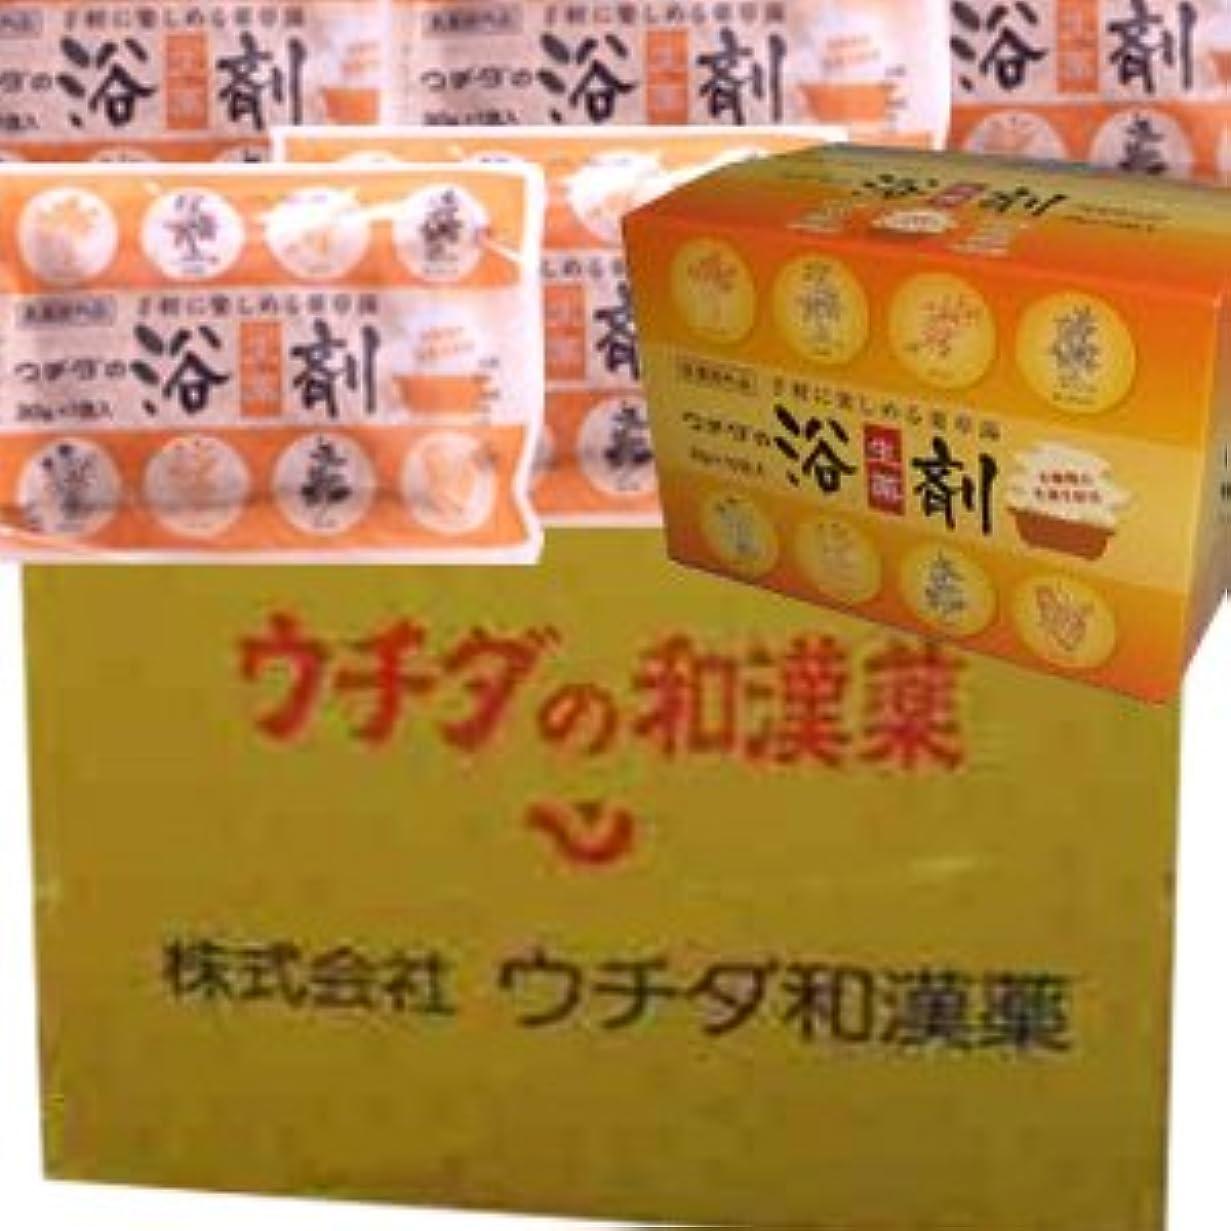 仕事鉄道サイクロプス【12個1ケース】 ウチダの浴剤 30g×10袋入×12個+6袋 (4987359400025)